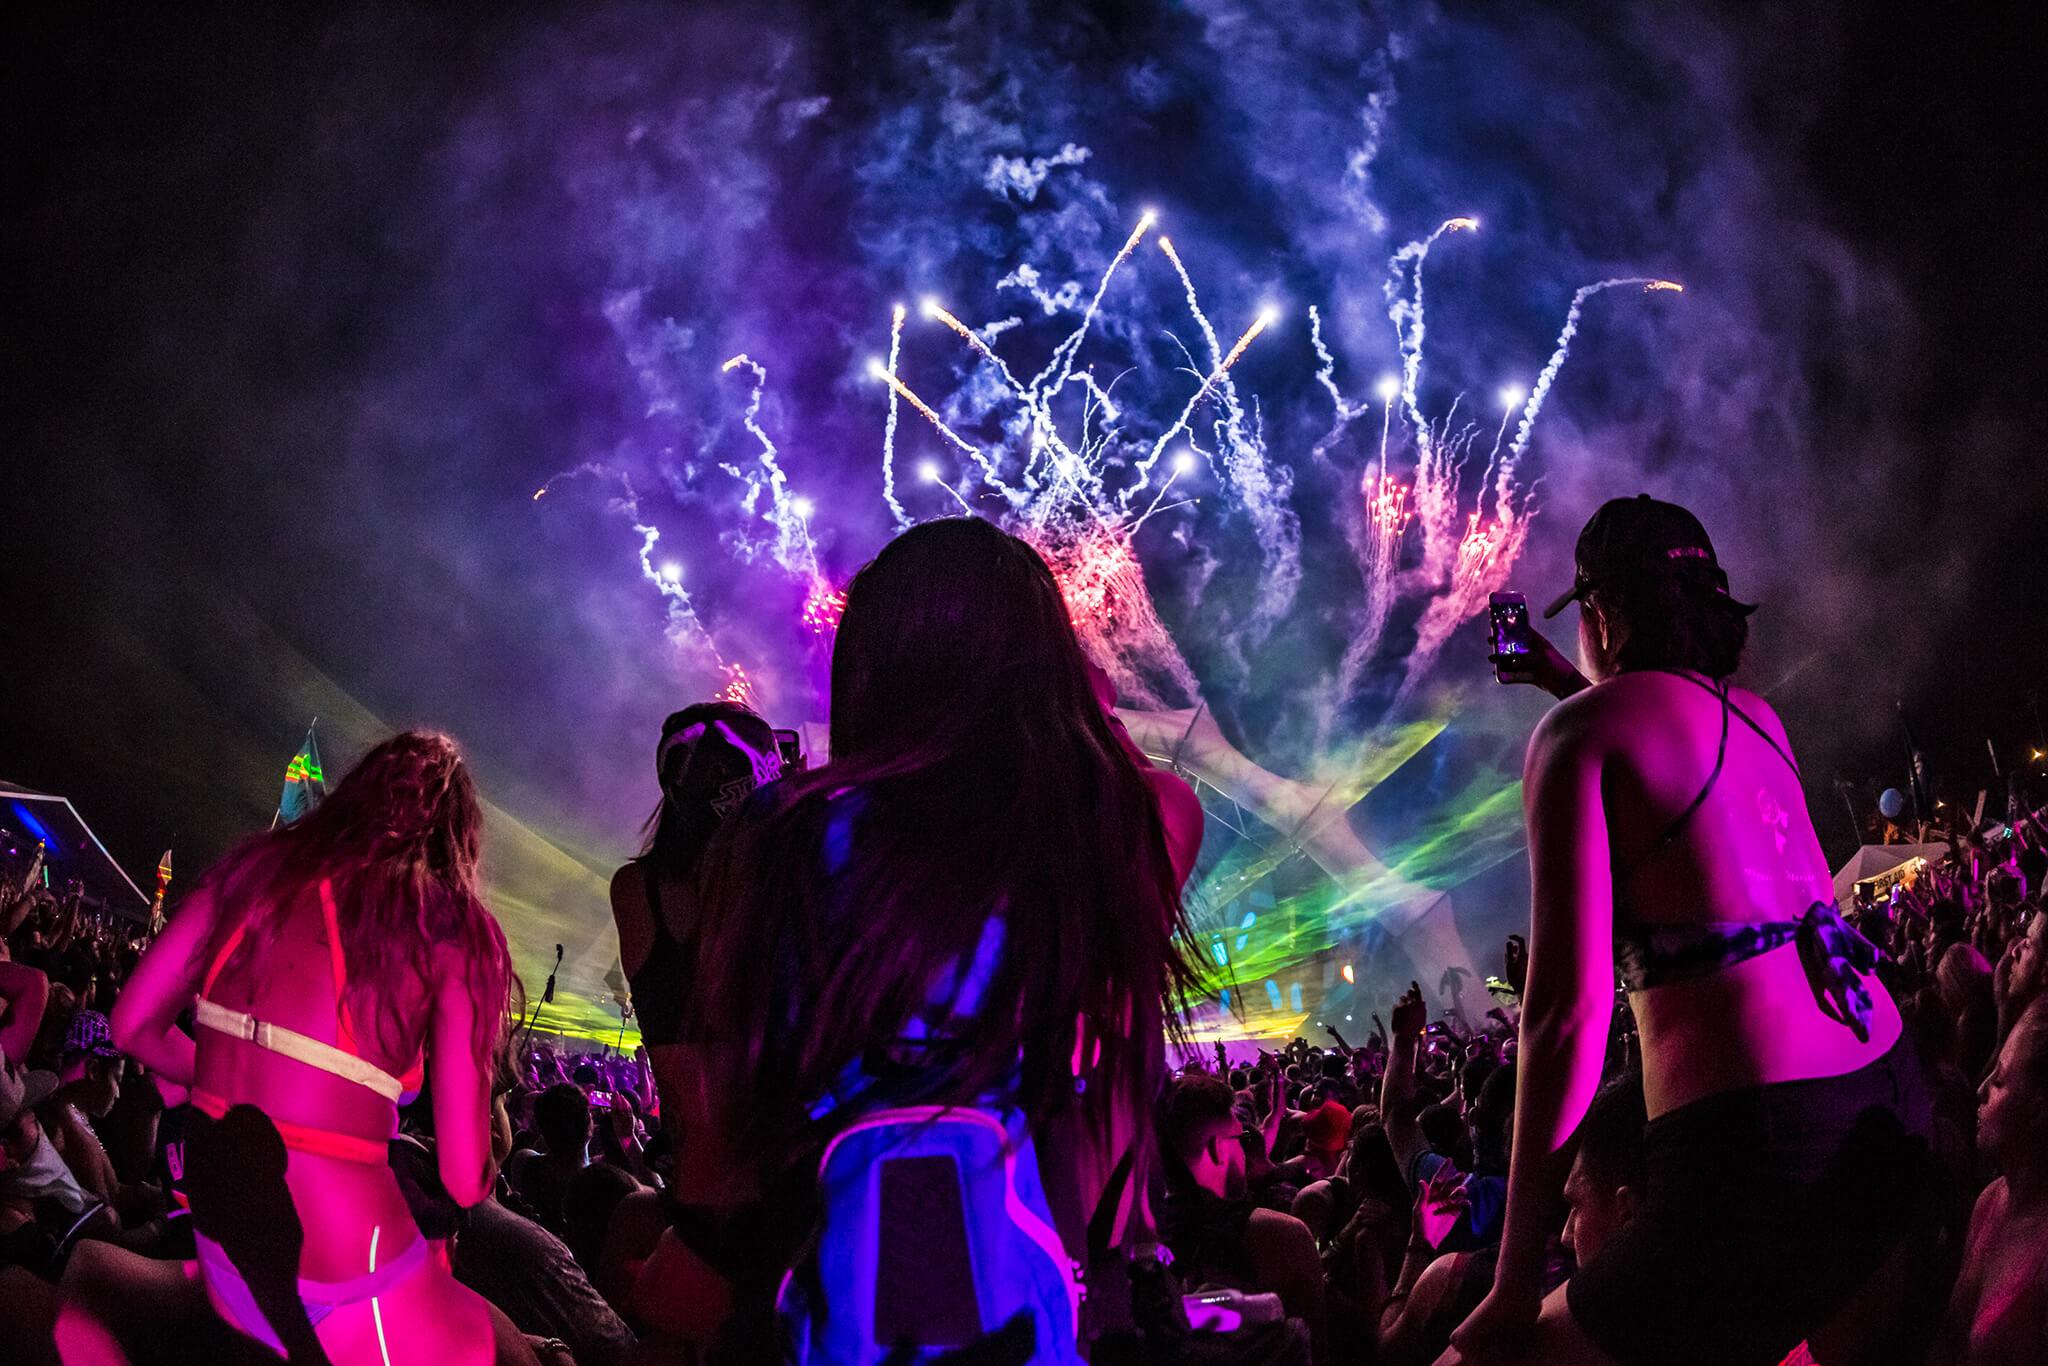 girls together at sunset fireworks finale